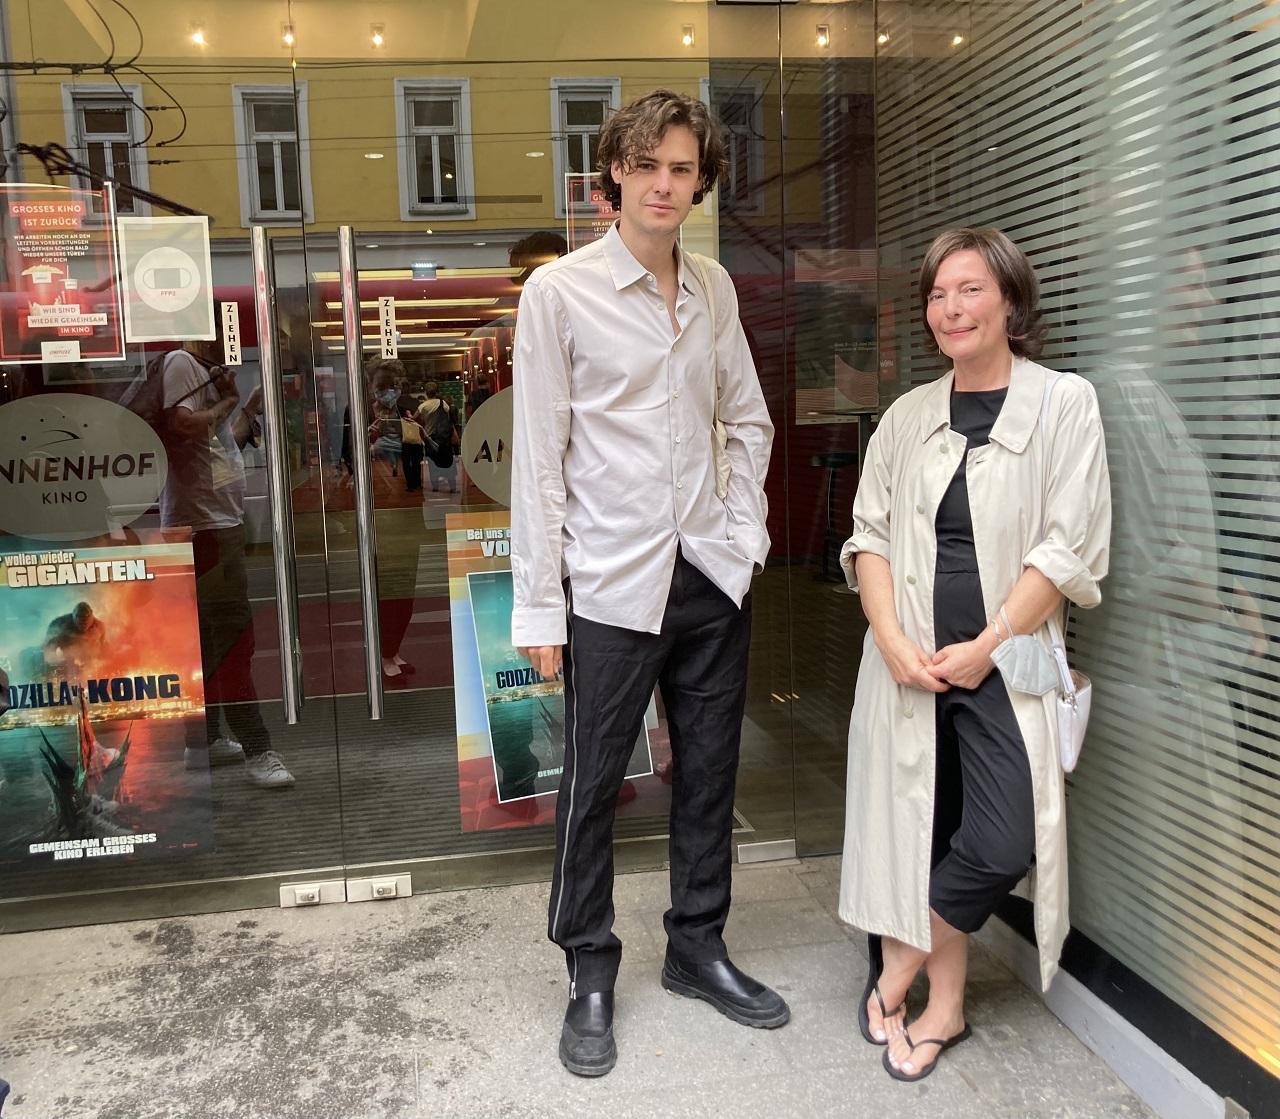 Thomas Prenn und Evi Romen auf der Diagonale vor dem Annenhof Kino in Graz.